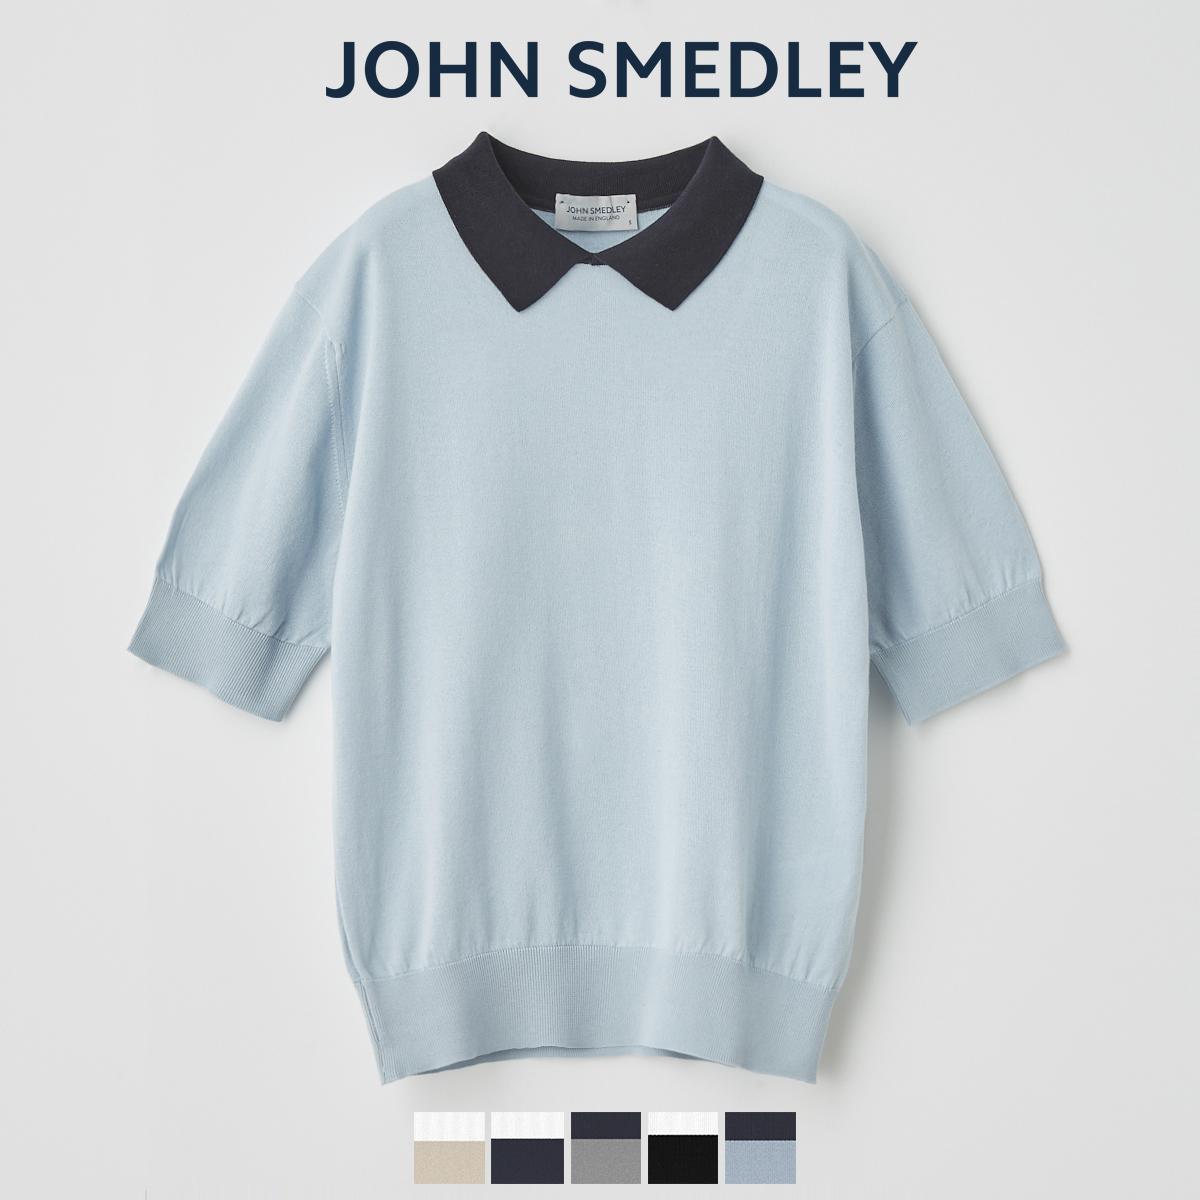 ジョンスメドレー 本物 JOHN SMEDLEY ニット ポロシャツ ポイント5倍 9 4 20:00~9 レディース プレゼント 1:59 公式 11 S4485 秀逸 送料無料 半袖ポロシャツ ギフト